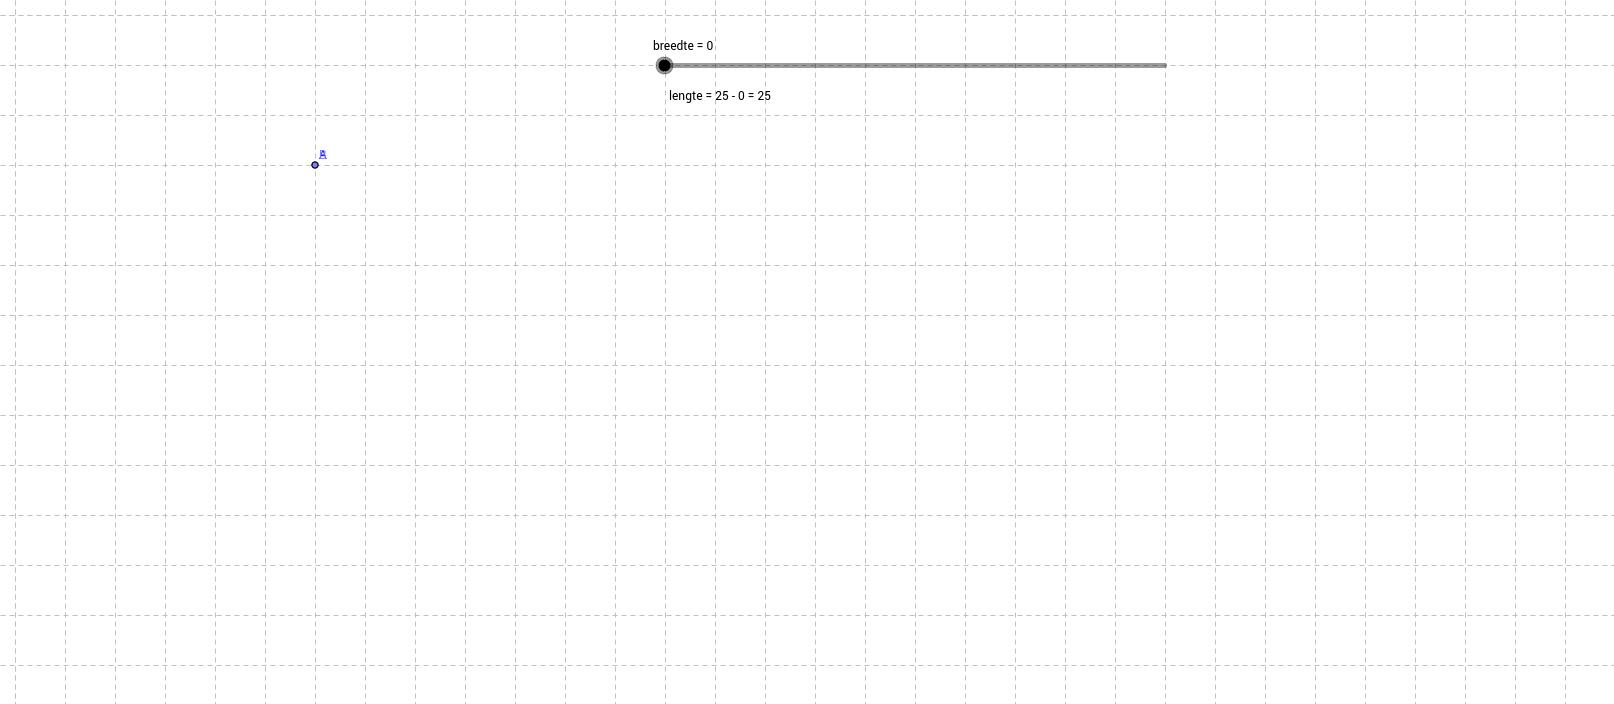 Functie van de tweede graad - voorbeeld